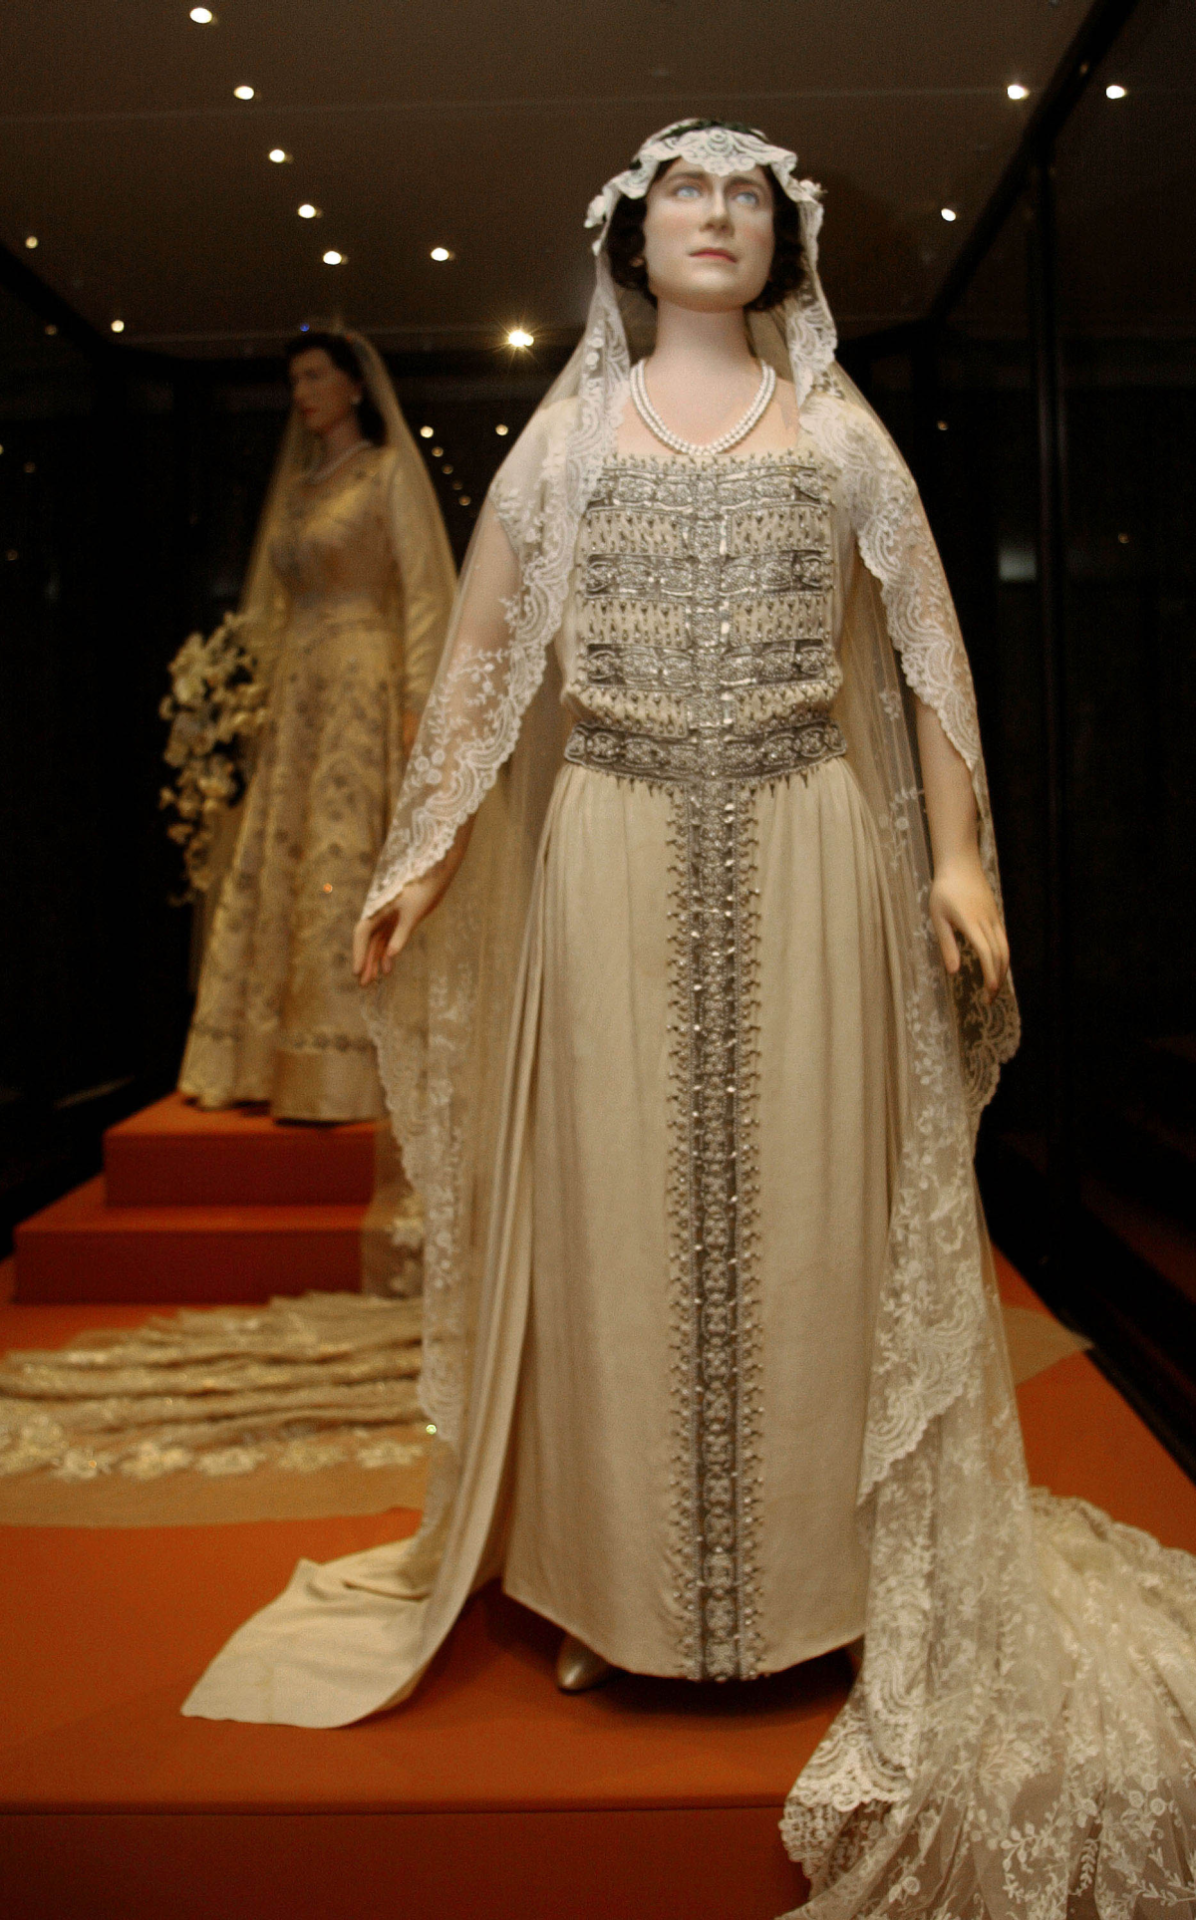 Wedding Dress of Queen Elizabeth (the Queen Mum) | Vintage weddings ...